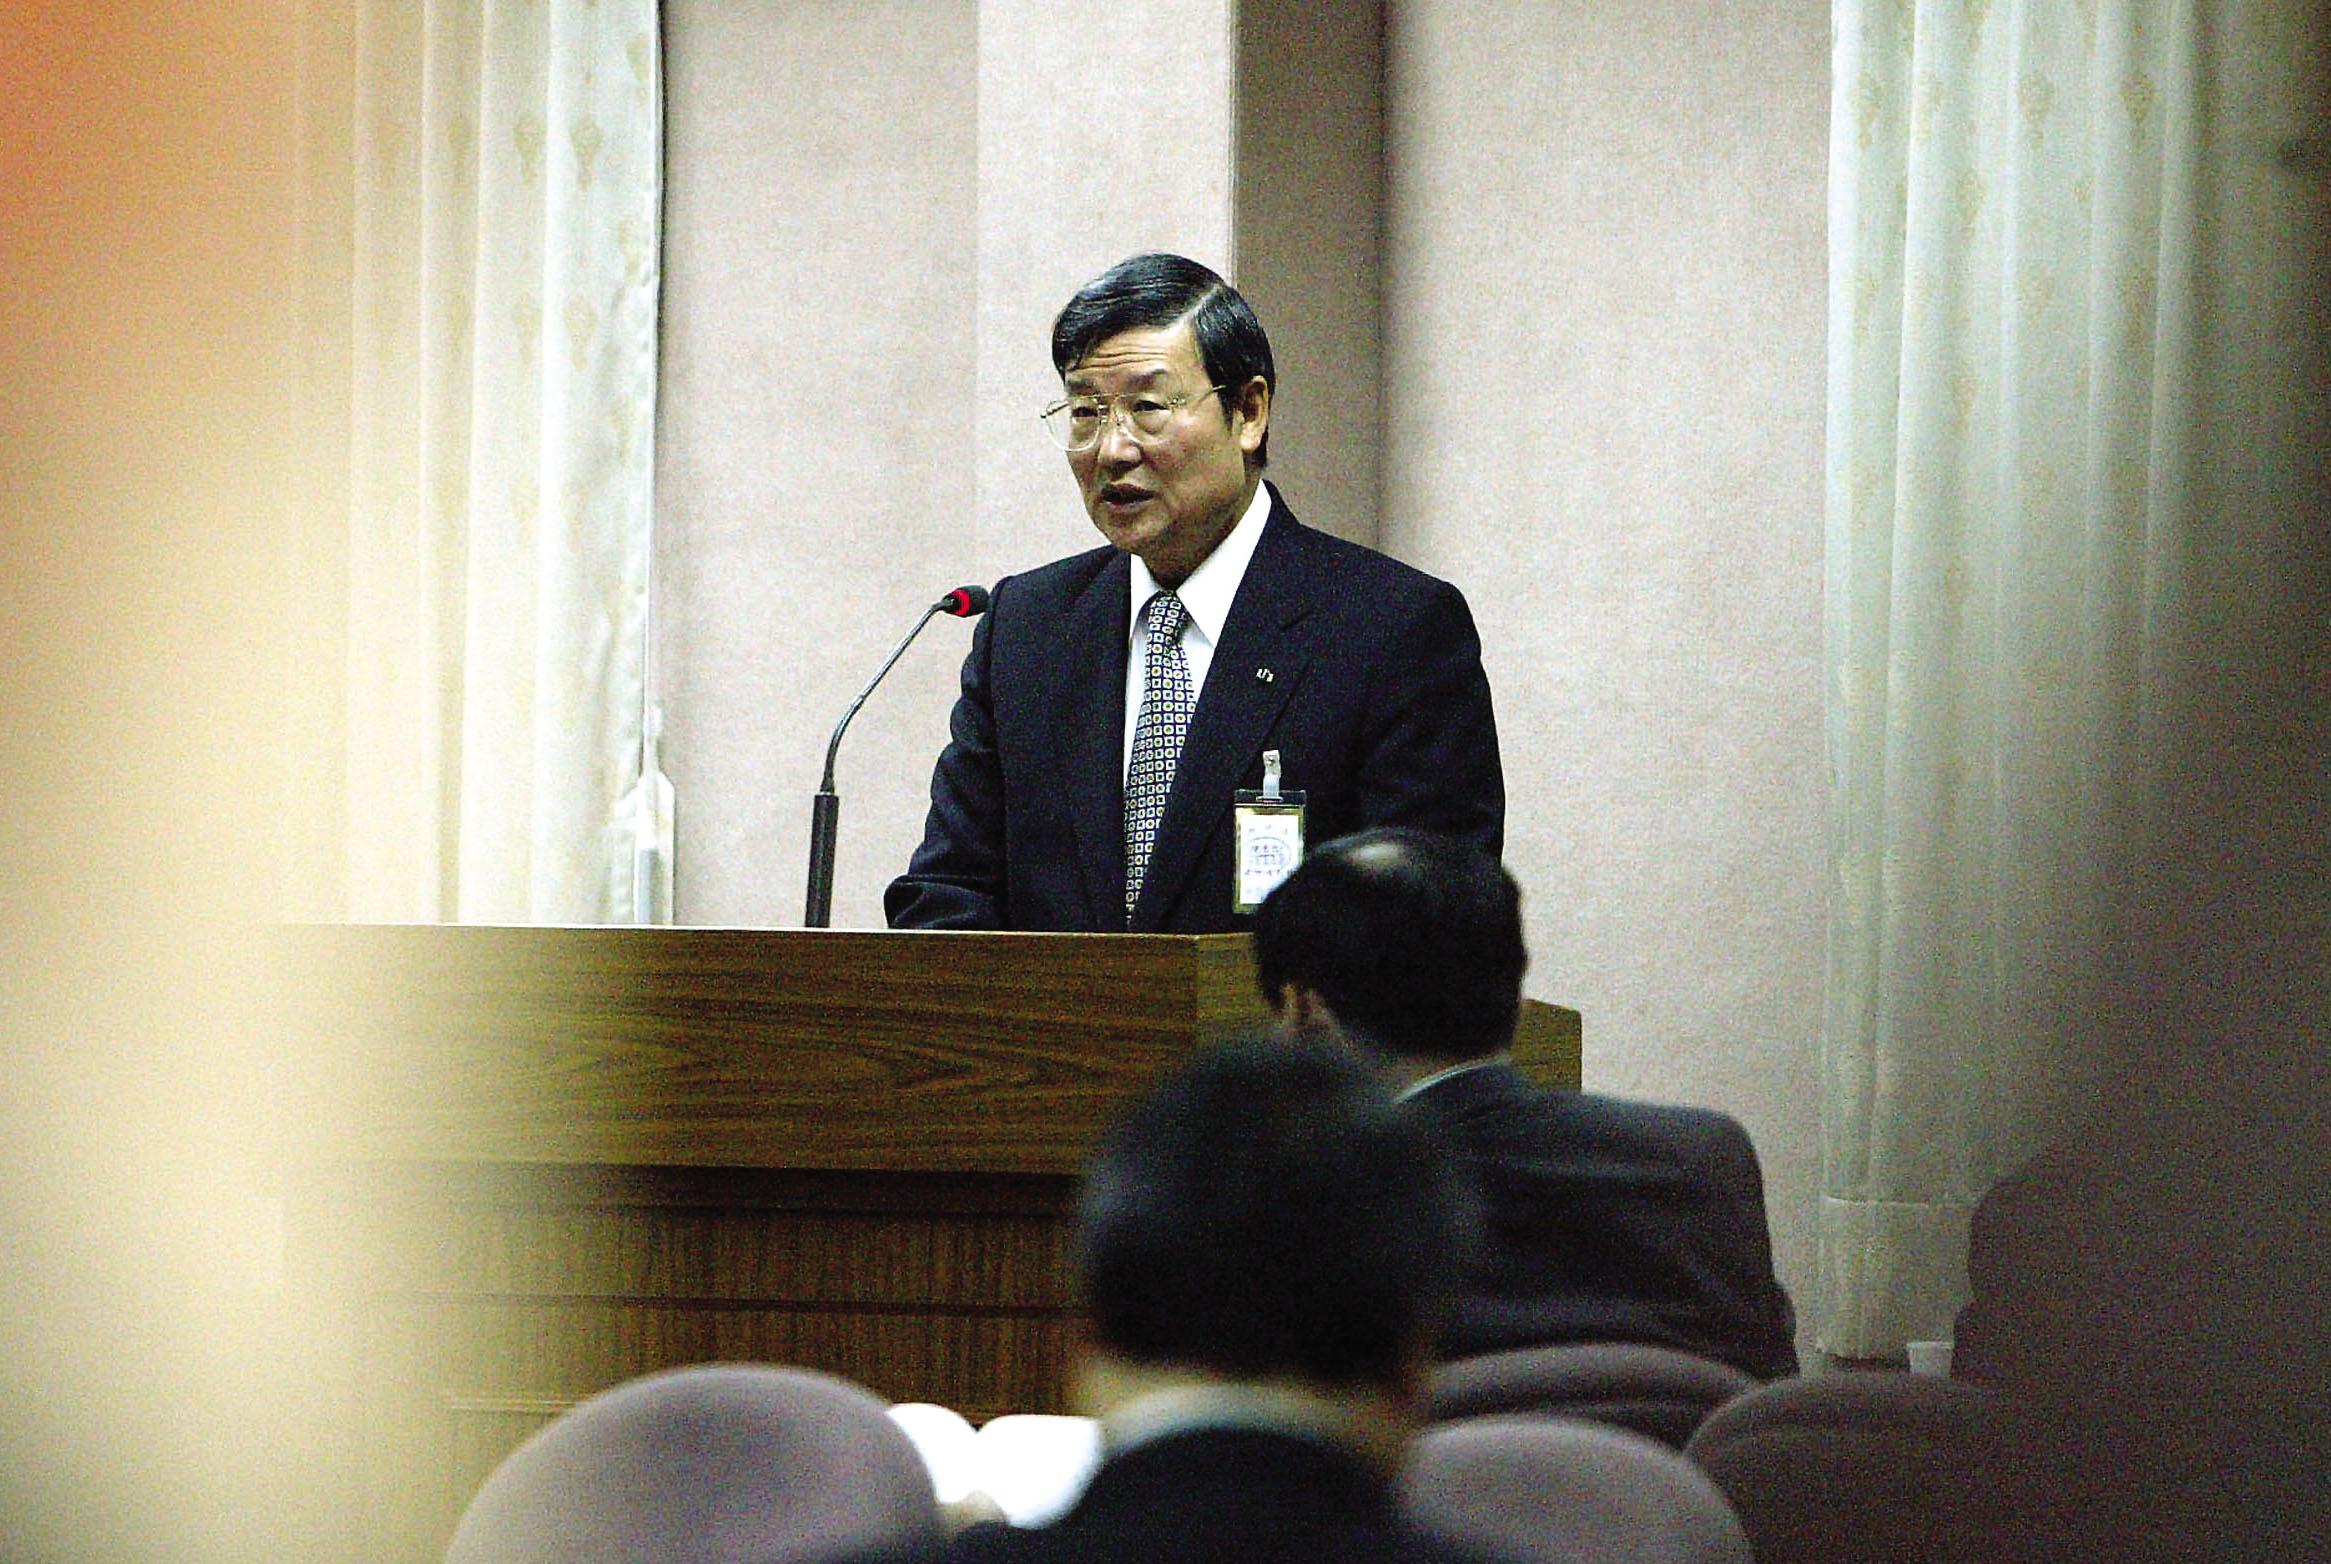 國安局長蔡朝明質疑,SARS有可能是中國研製的一種新型生物戰劑。